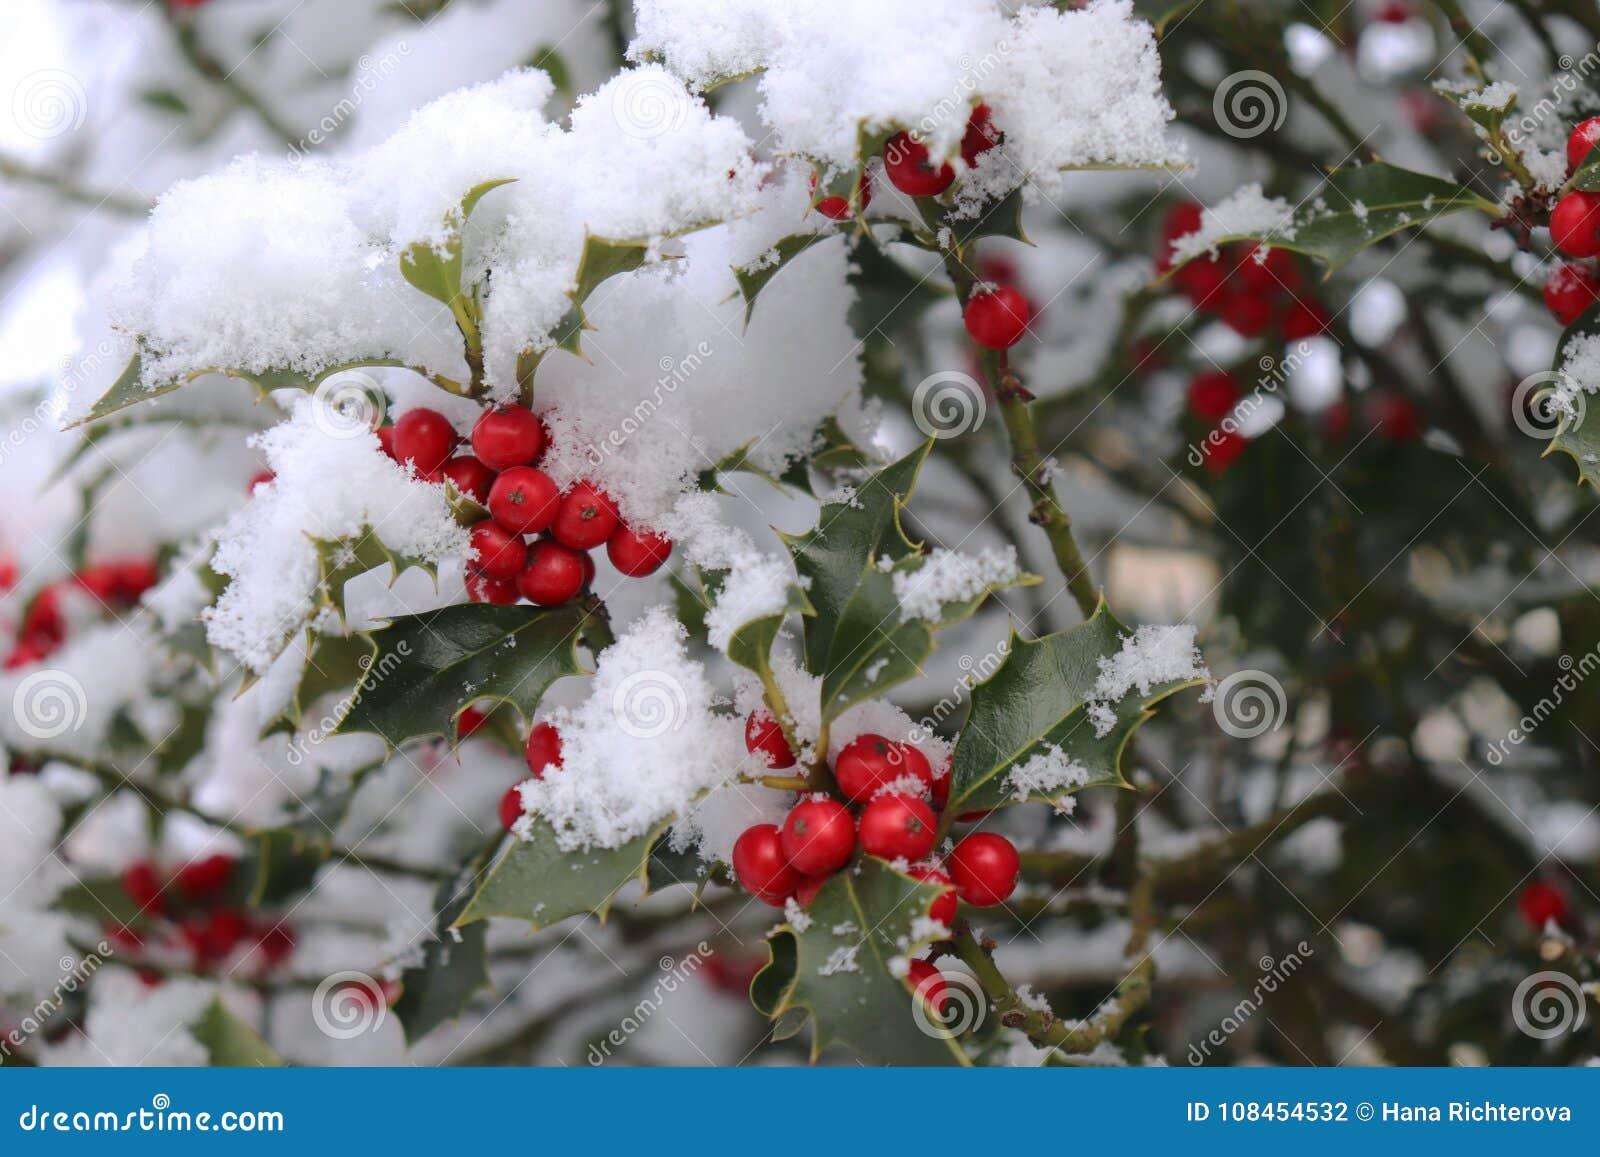 Крупный план ягод и диеза падуба красивых красных выходит на дерево в холодную погоду зимы запачканная предпосылка